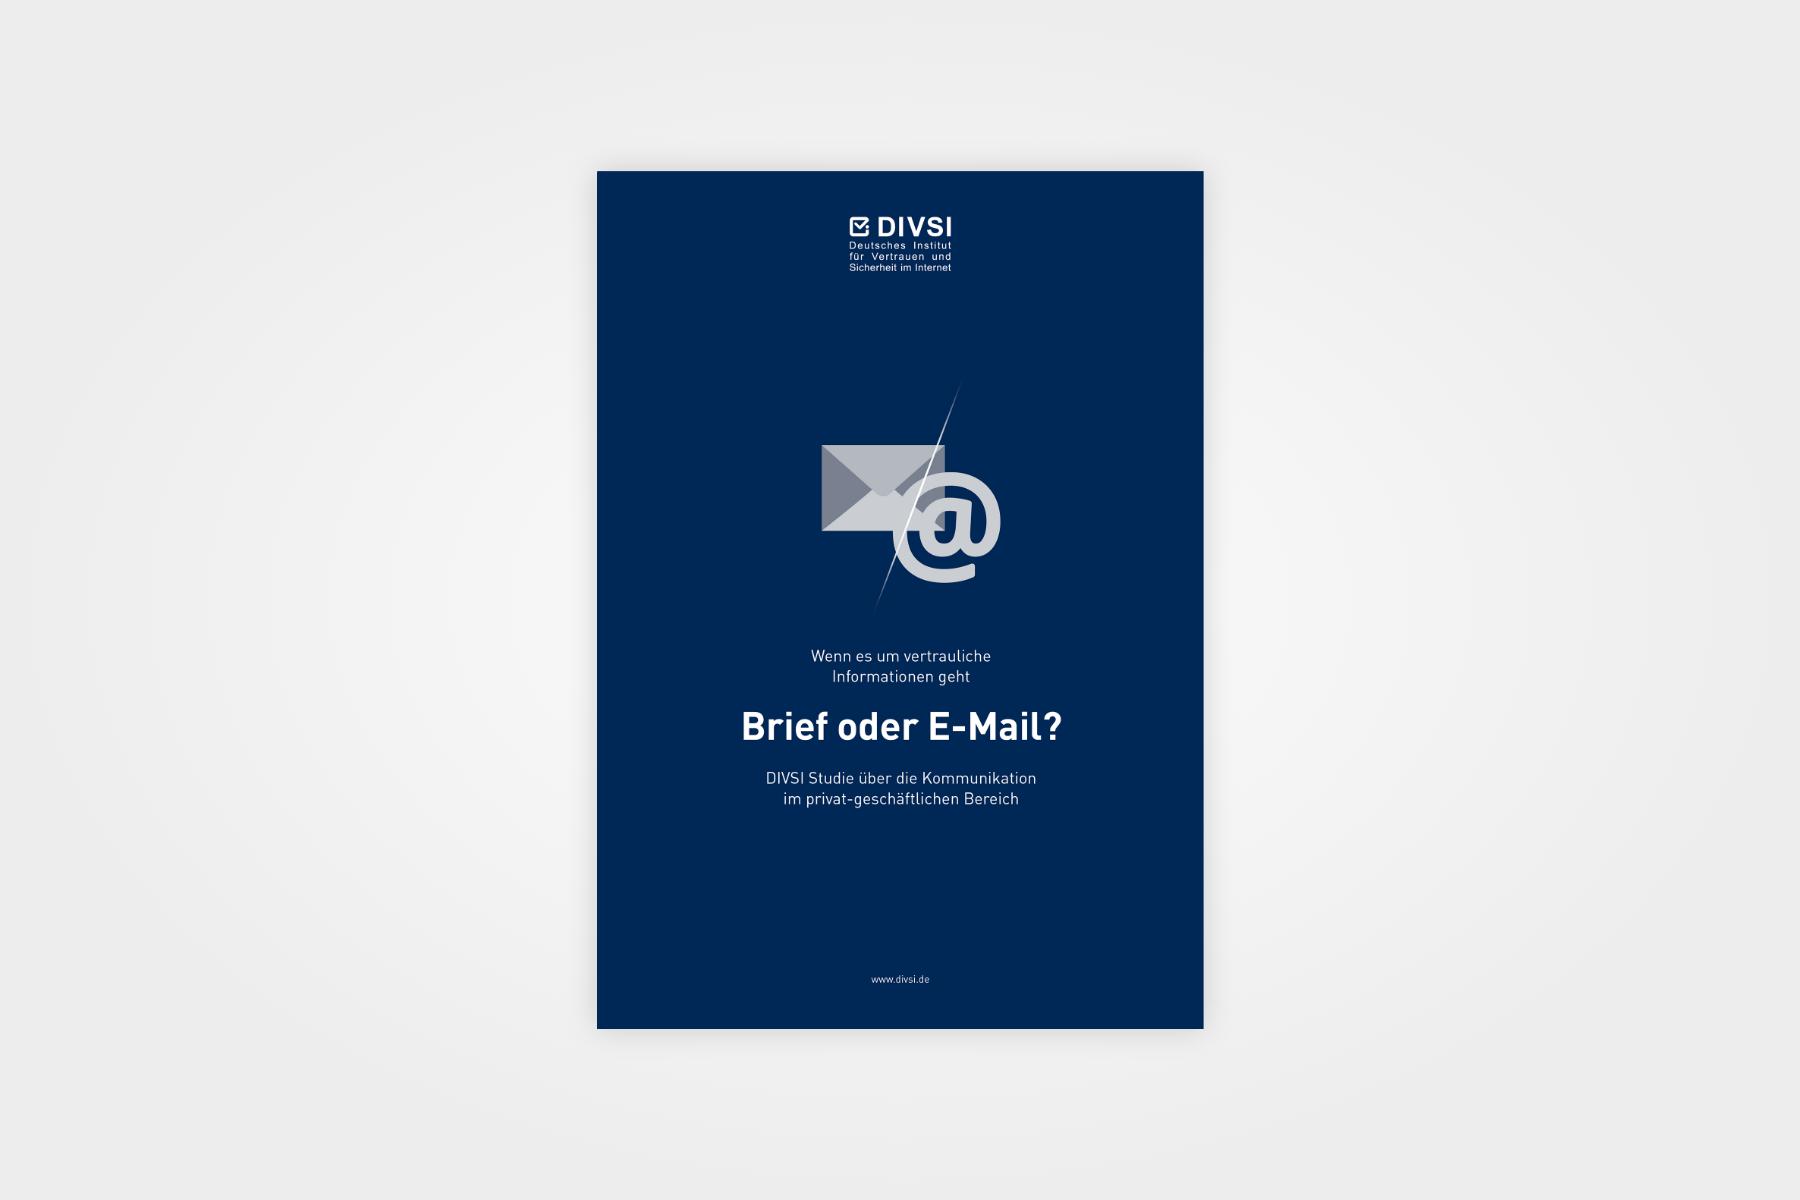 Brief oder E-Mail?